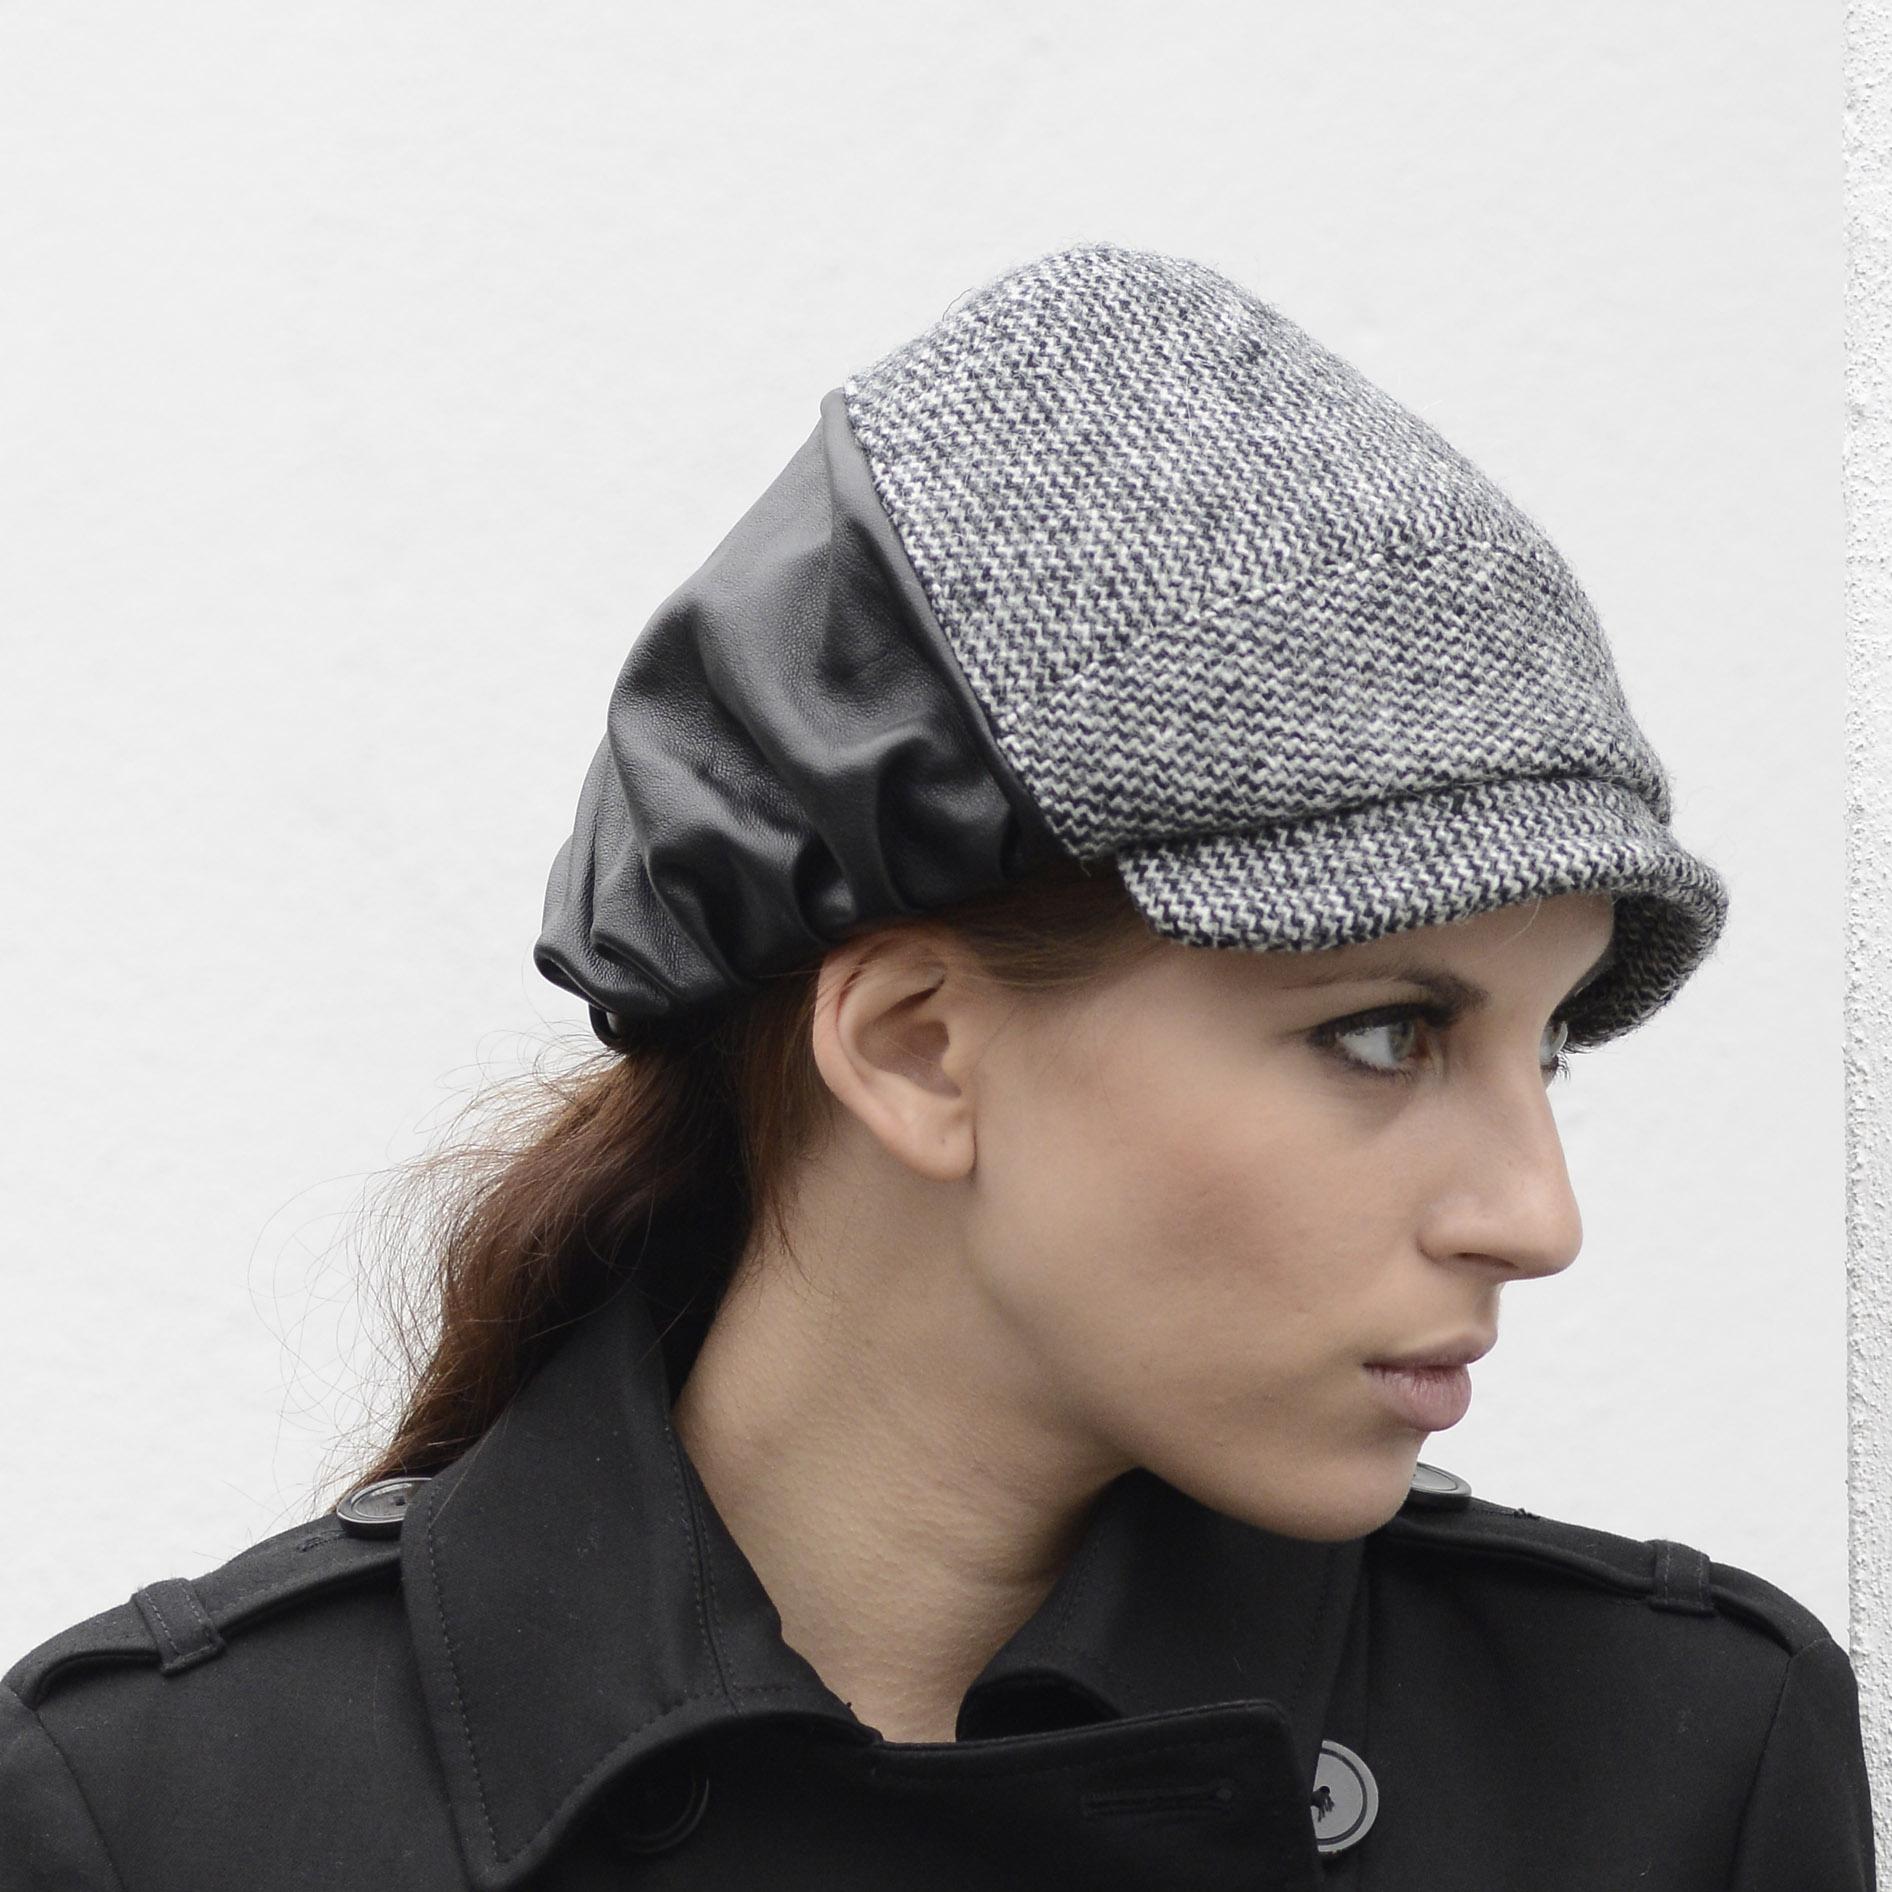 'Pendleton' peaked cap